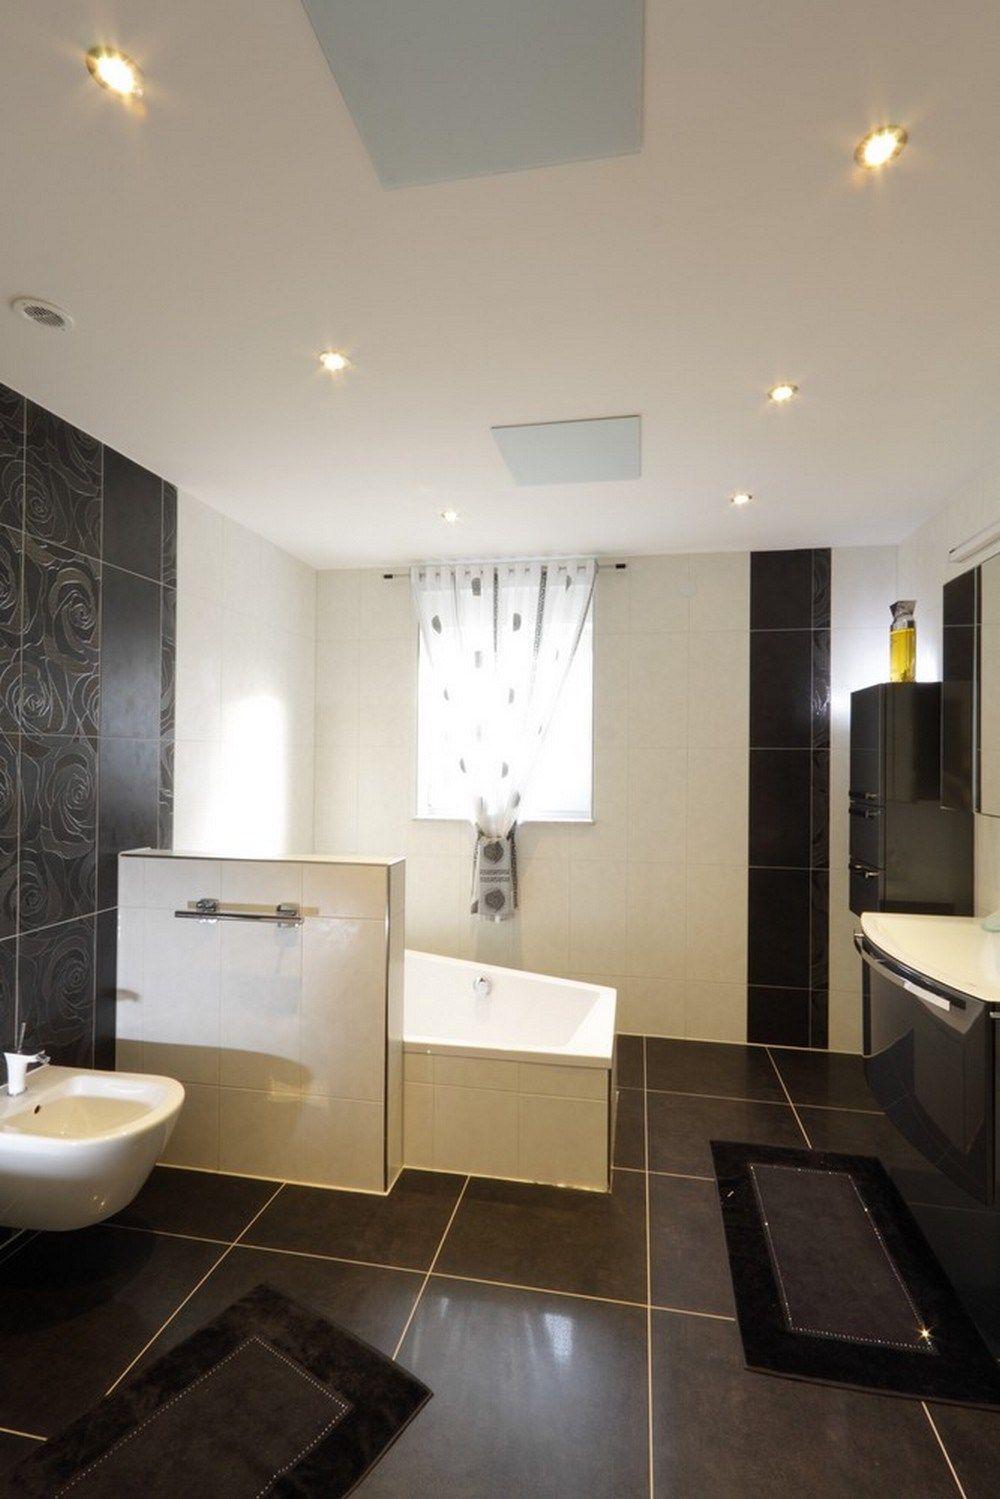 Eine Infrarotheizung erwärmt das Badezimmer effizient und angenehm